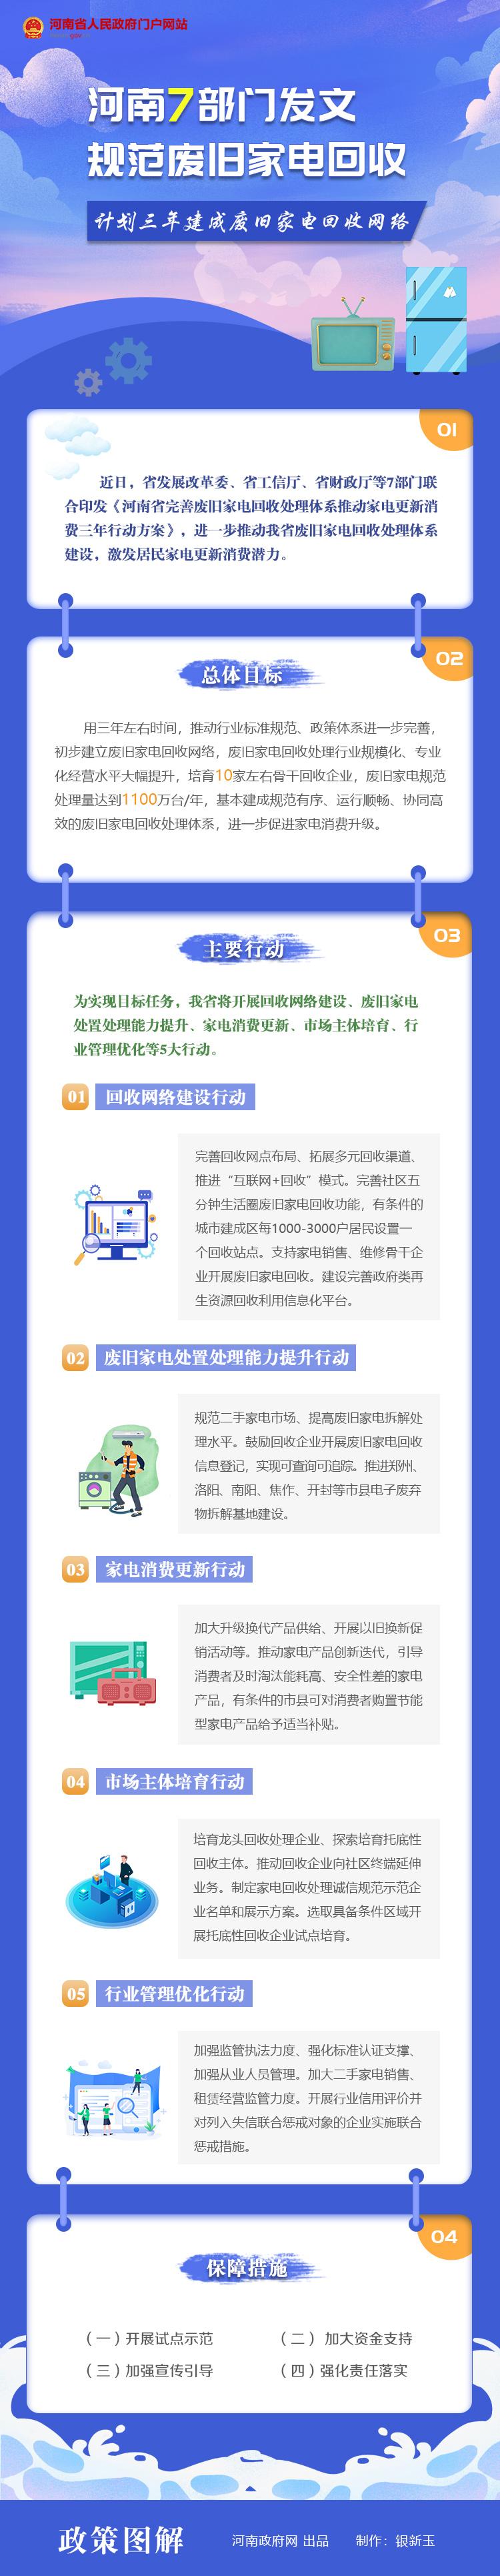 图解:河南7部门联合发文 规范废旧家电回收